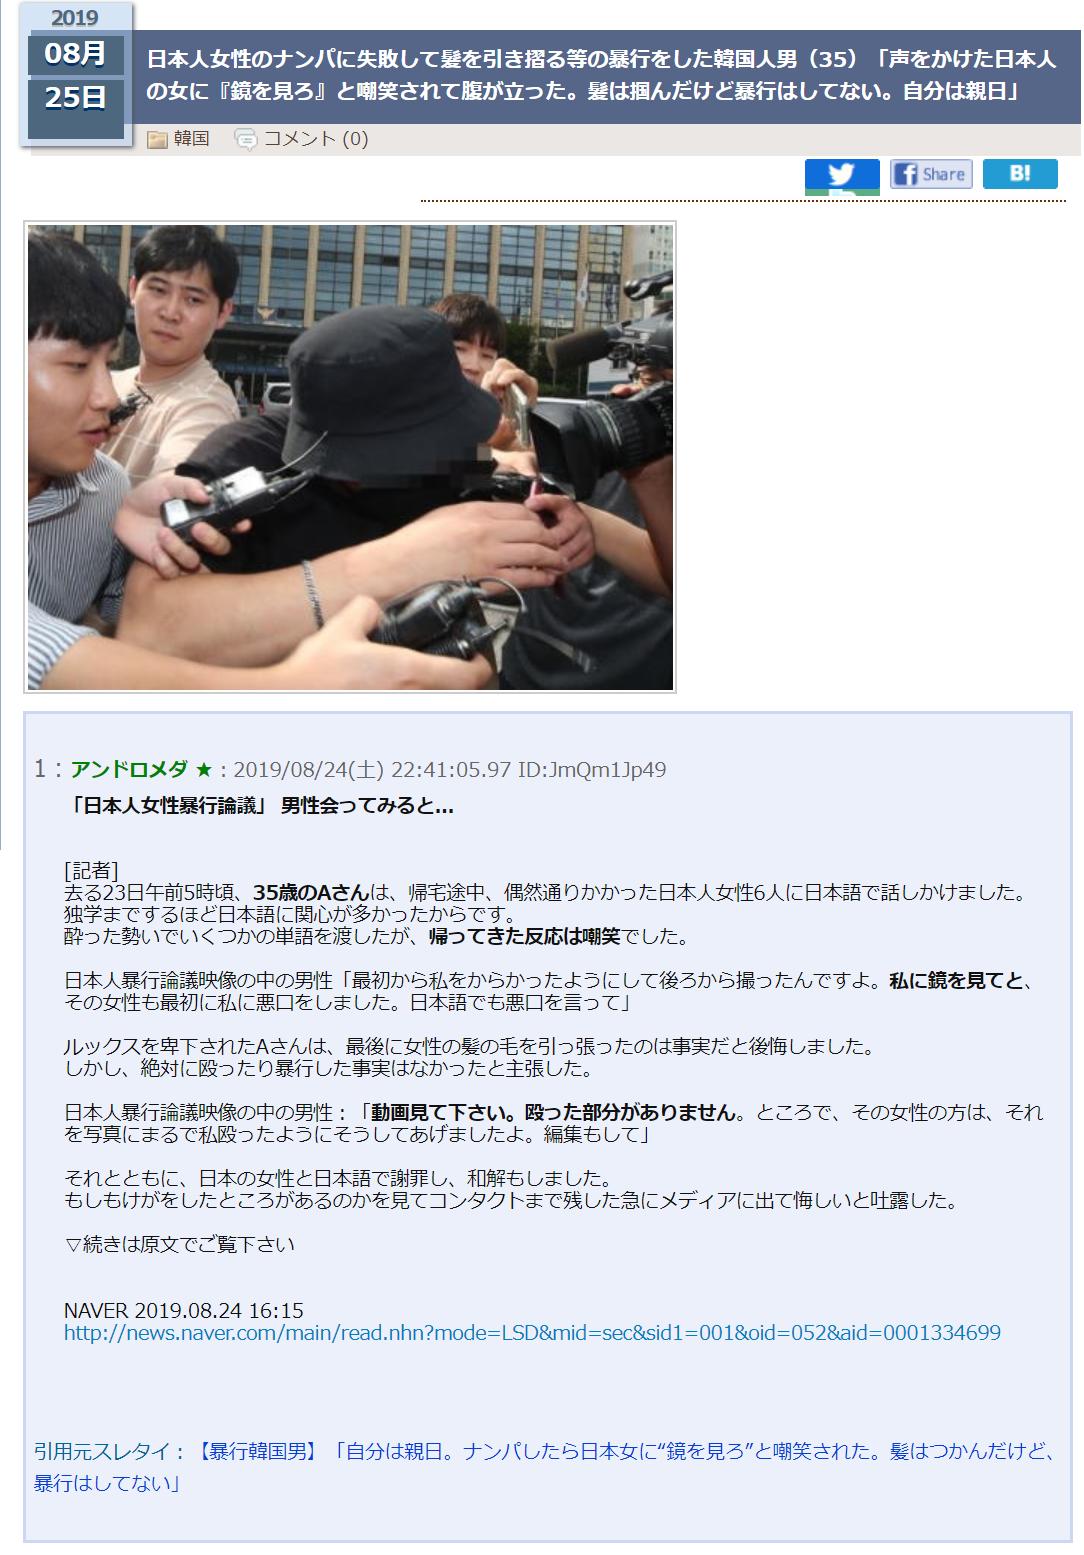 35のチョンが日本人女子のナンパに失敗して暴言&暴行1